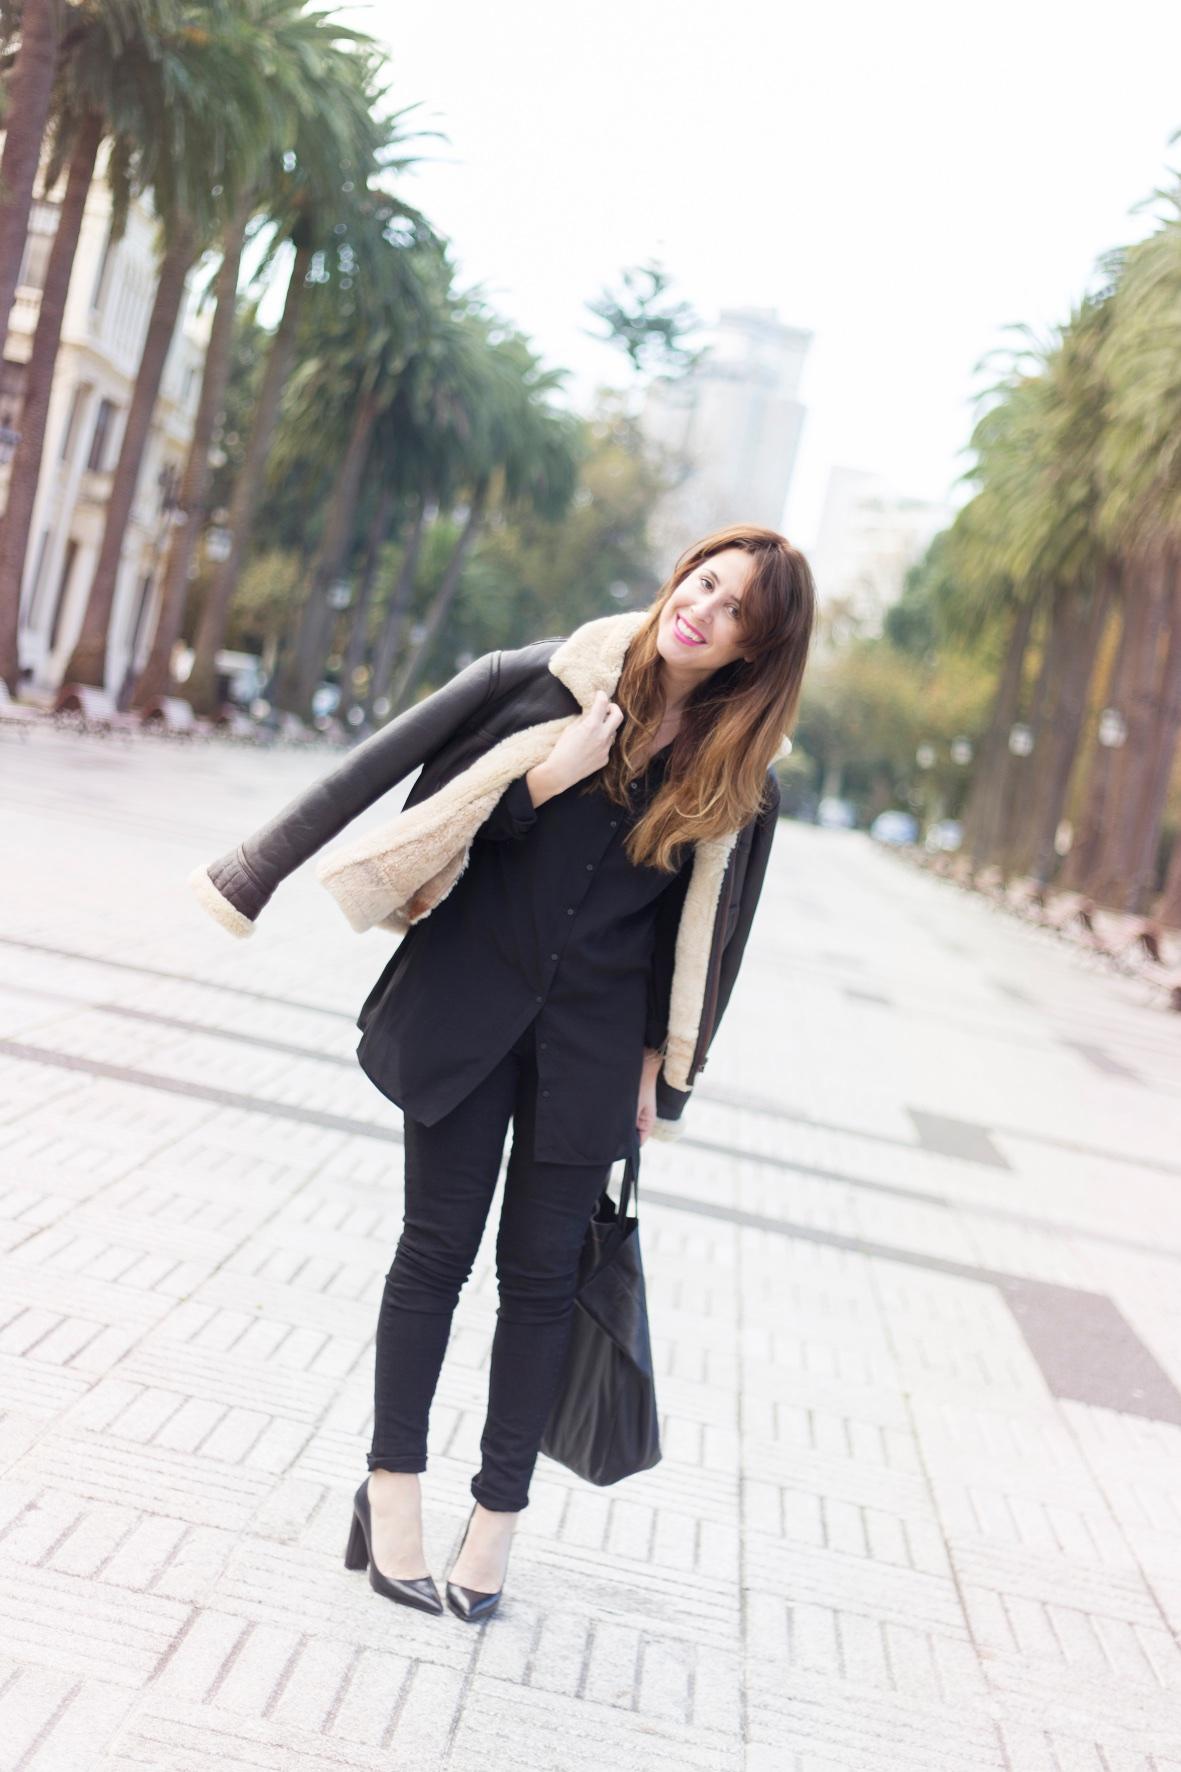 estilo-blogger-cazadora-aviador-style-street-coruña-moda-calle-cèline-descalzaporelparque